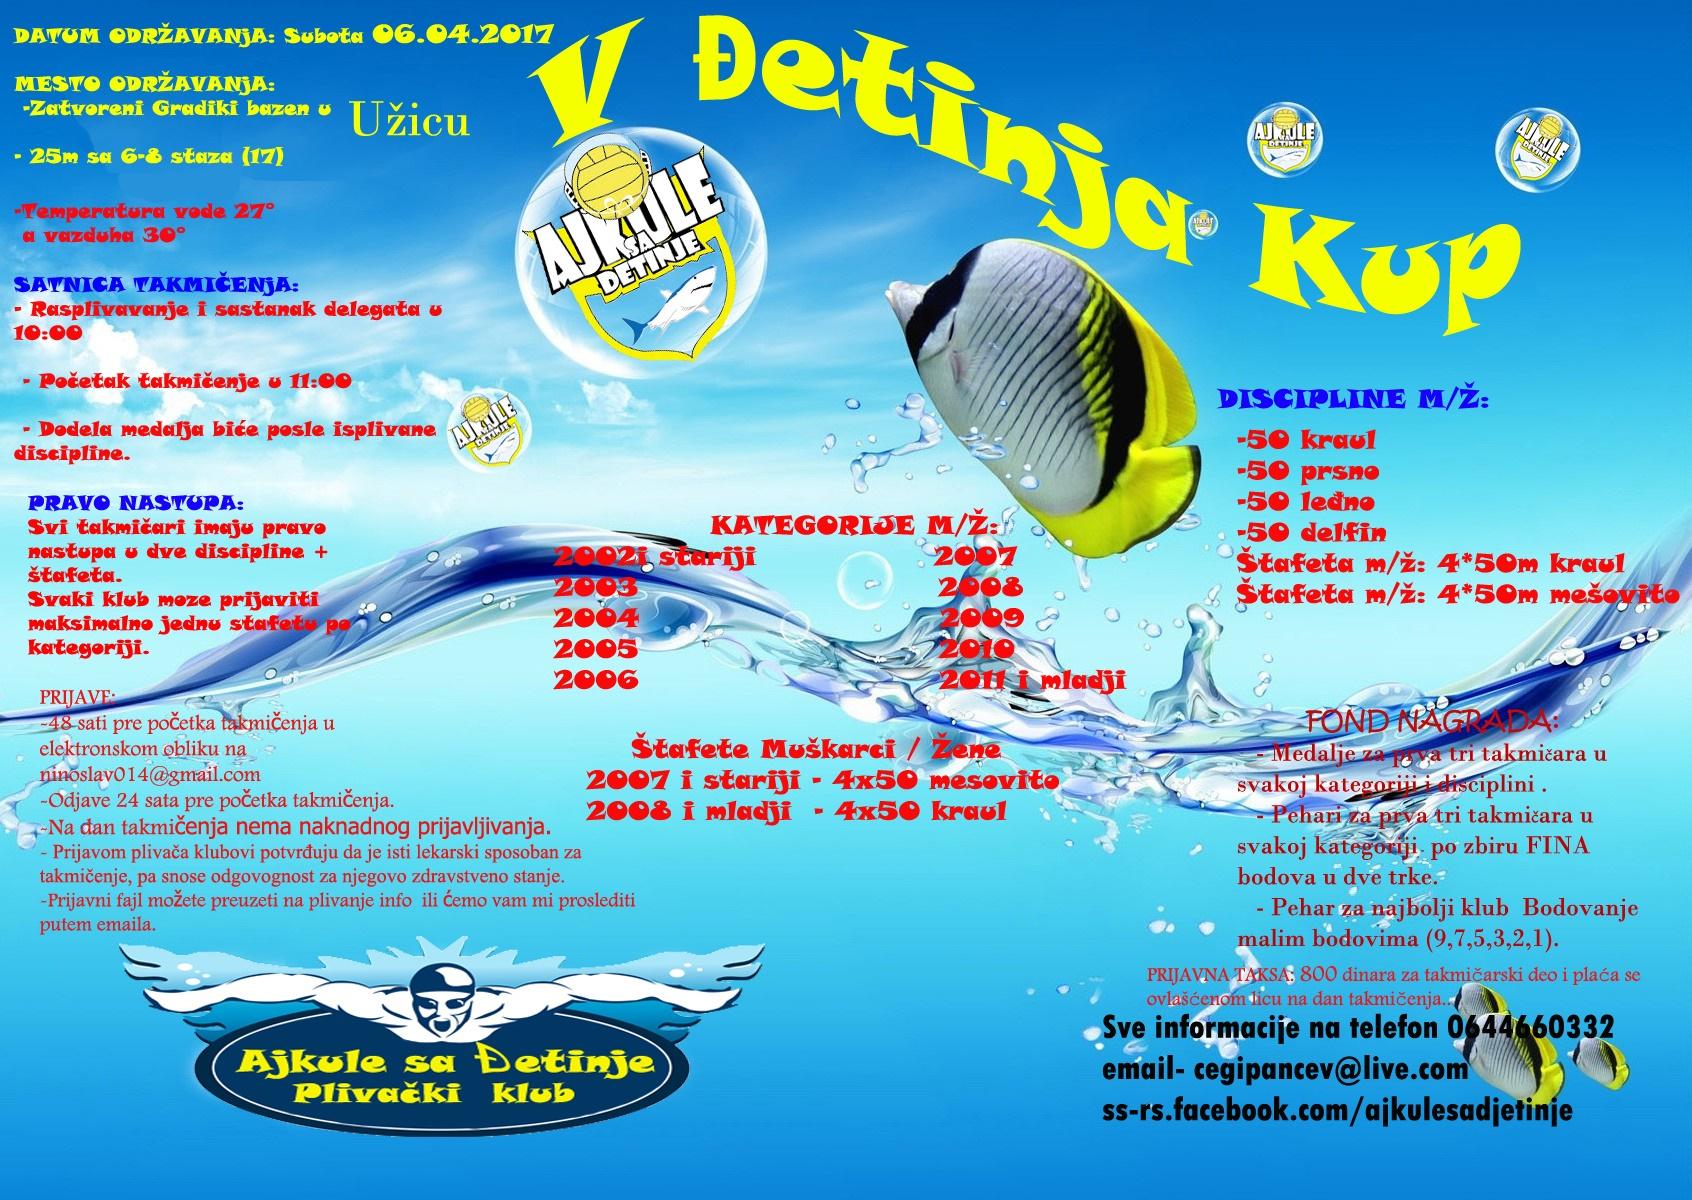 Знак пливачког клуба Ајкуле са Ђетиње из Ужица и линк на њихову званичну Facebook страницу